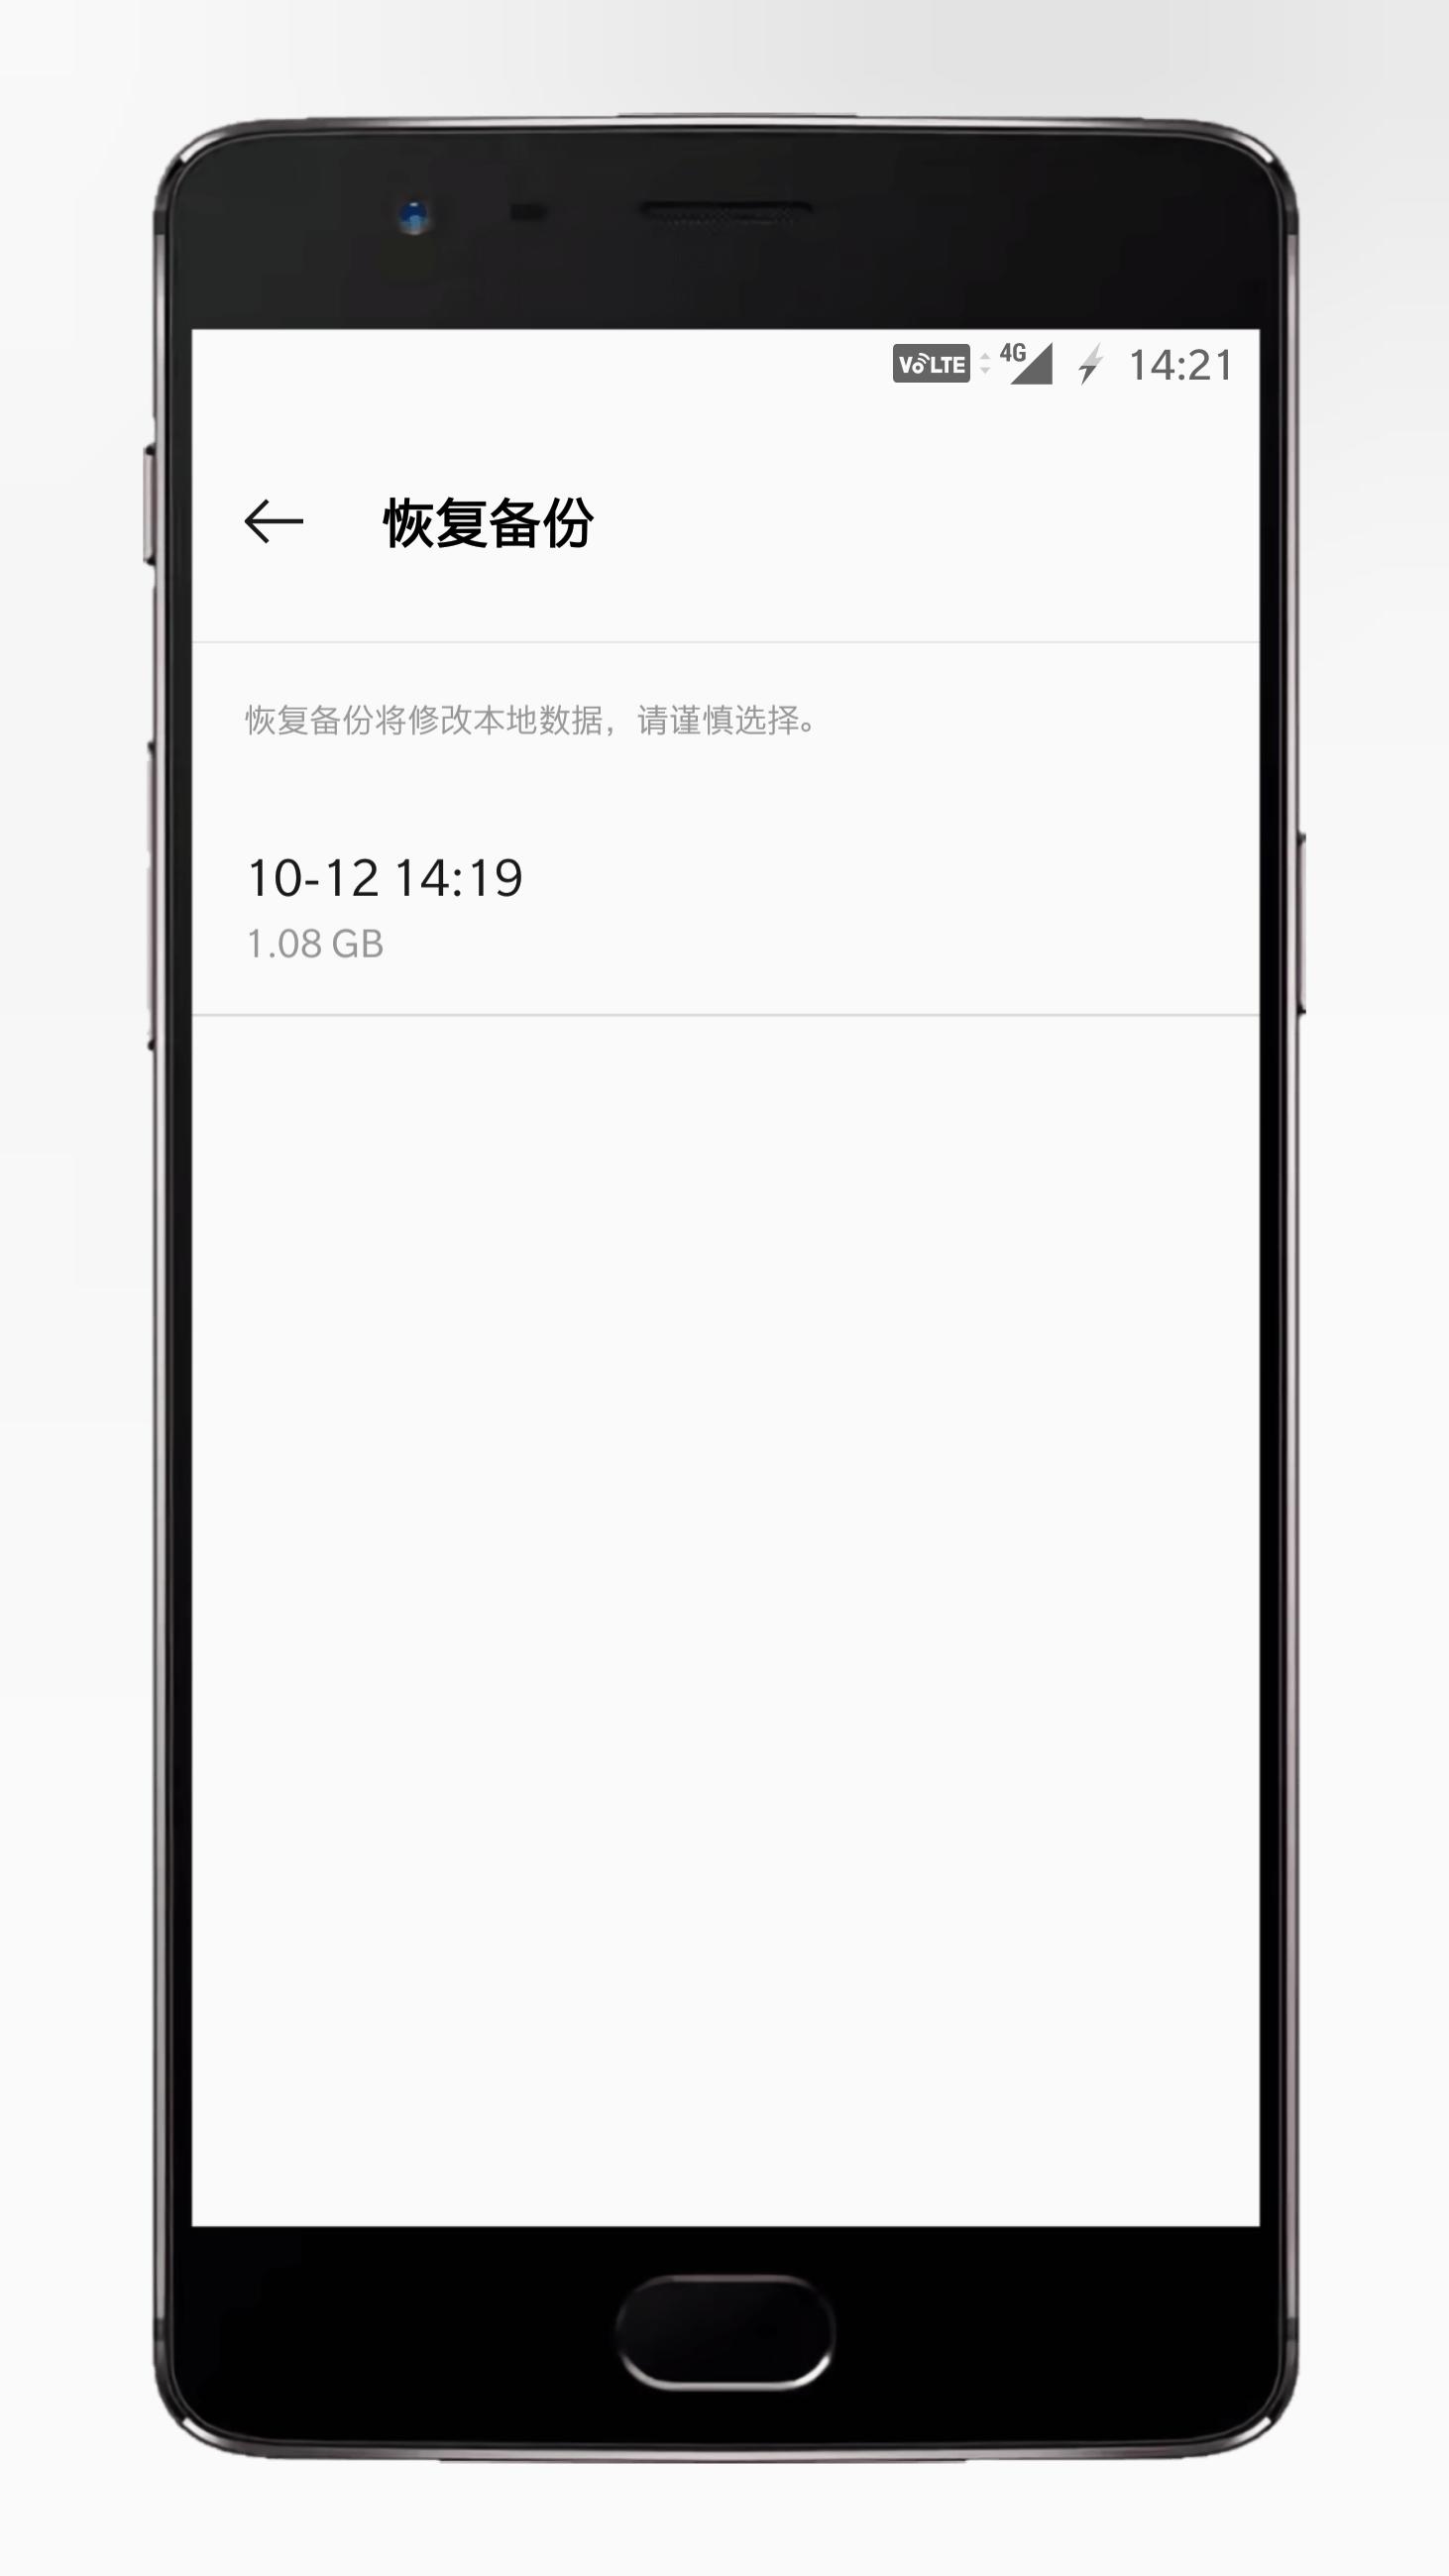 壳图20181012-142832.png